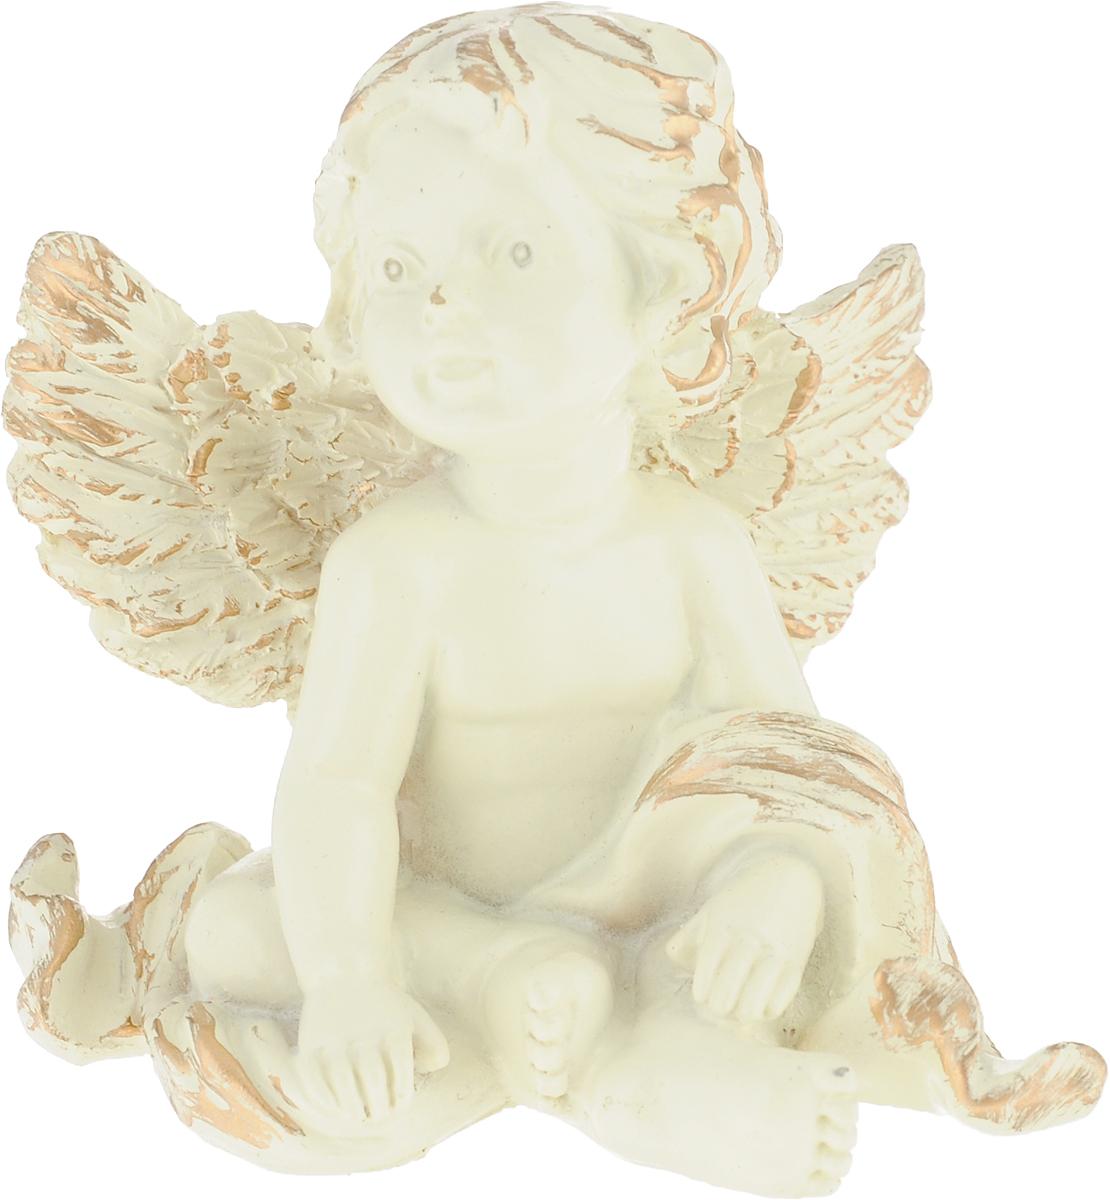 Фигурка декоративная Magic Home Задумчивый ангел, цвет: слоновая кость, золотой, 8,2 х 7 х 4,6 см75433Фигурка декоративная Magic Home Задумчивый ангел - это прекрасный вариант подарка для ваших друзей и близких. Изделие изготовлено из полирезины и выполнено в виде ангела. Оригинальная и стильная фигурка станет отличным дополнением в интерьере любой комнаты и будет удачно смотреться и радовать глаз. Размеры: 6,5 х 7 х 5,5 см.